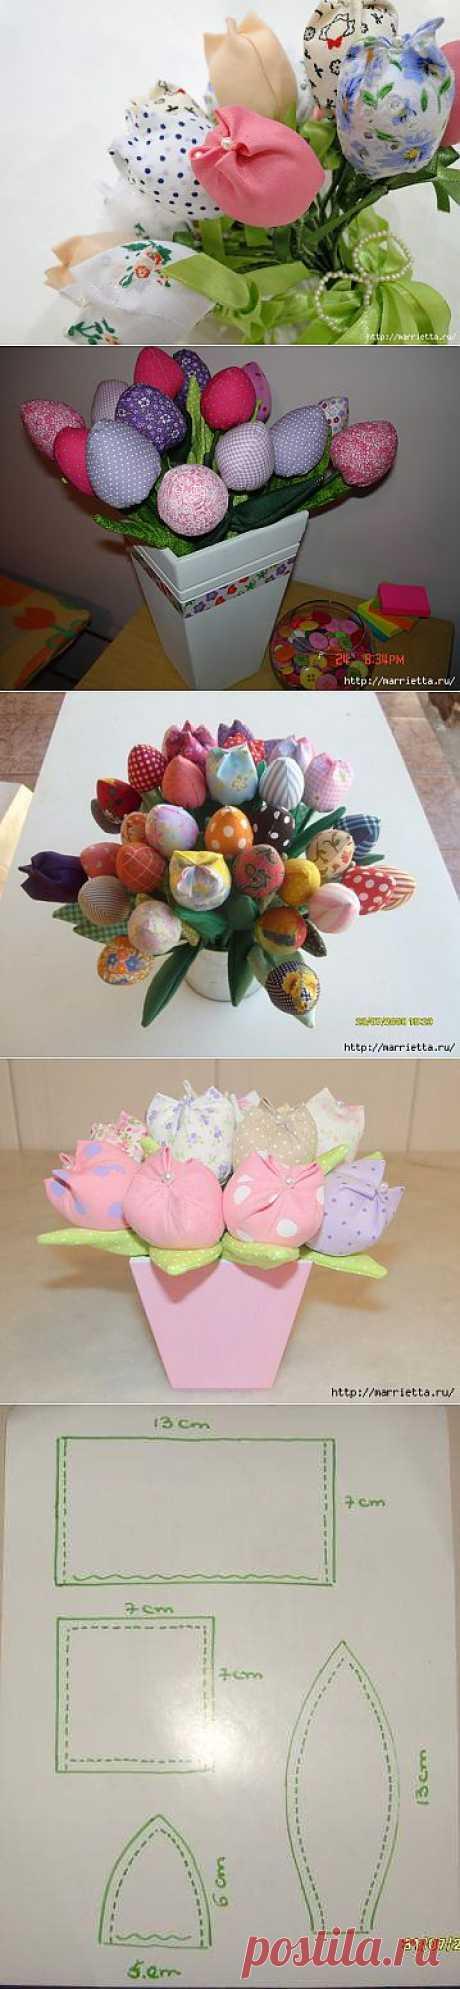 Как сшить цветы тюльпаны из ткани. Три варианта.